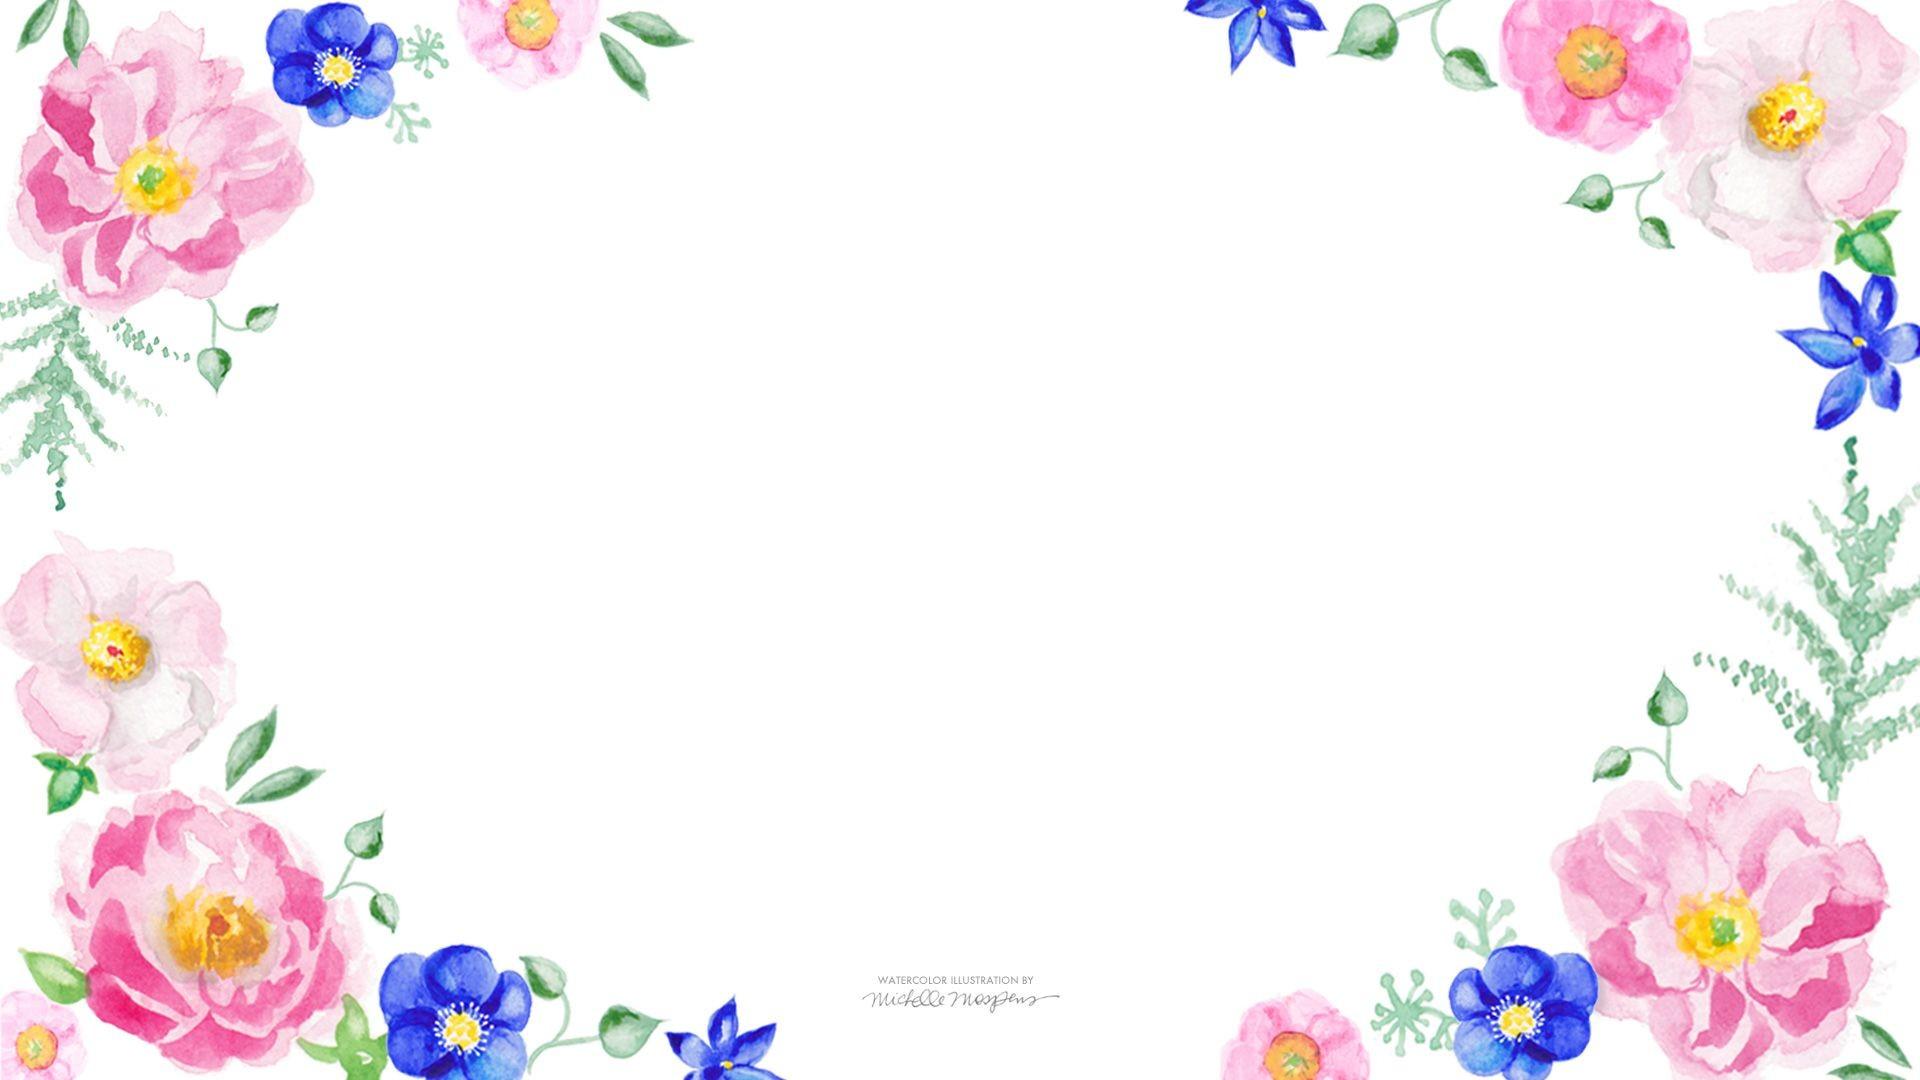 … Watercolor Flowers Wallpaper Wallpapersafari. Download